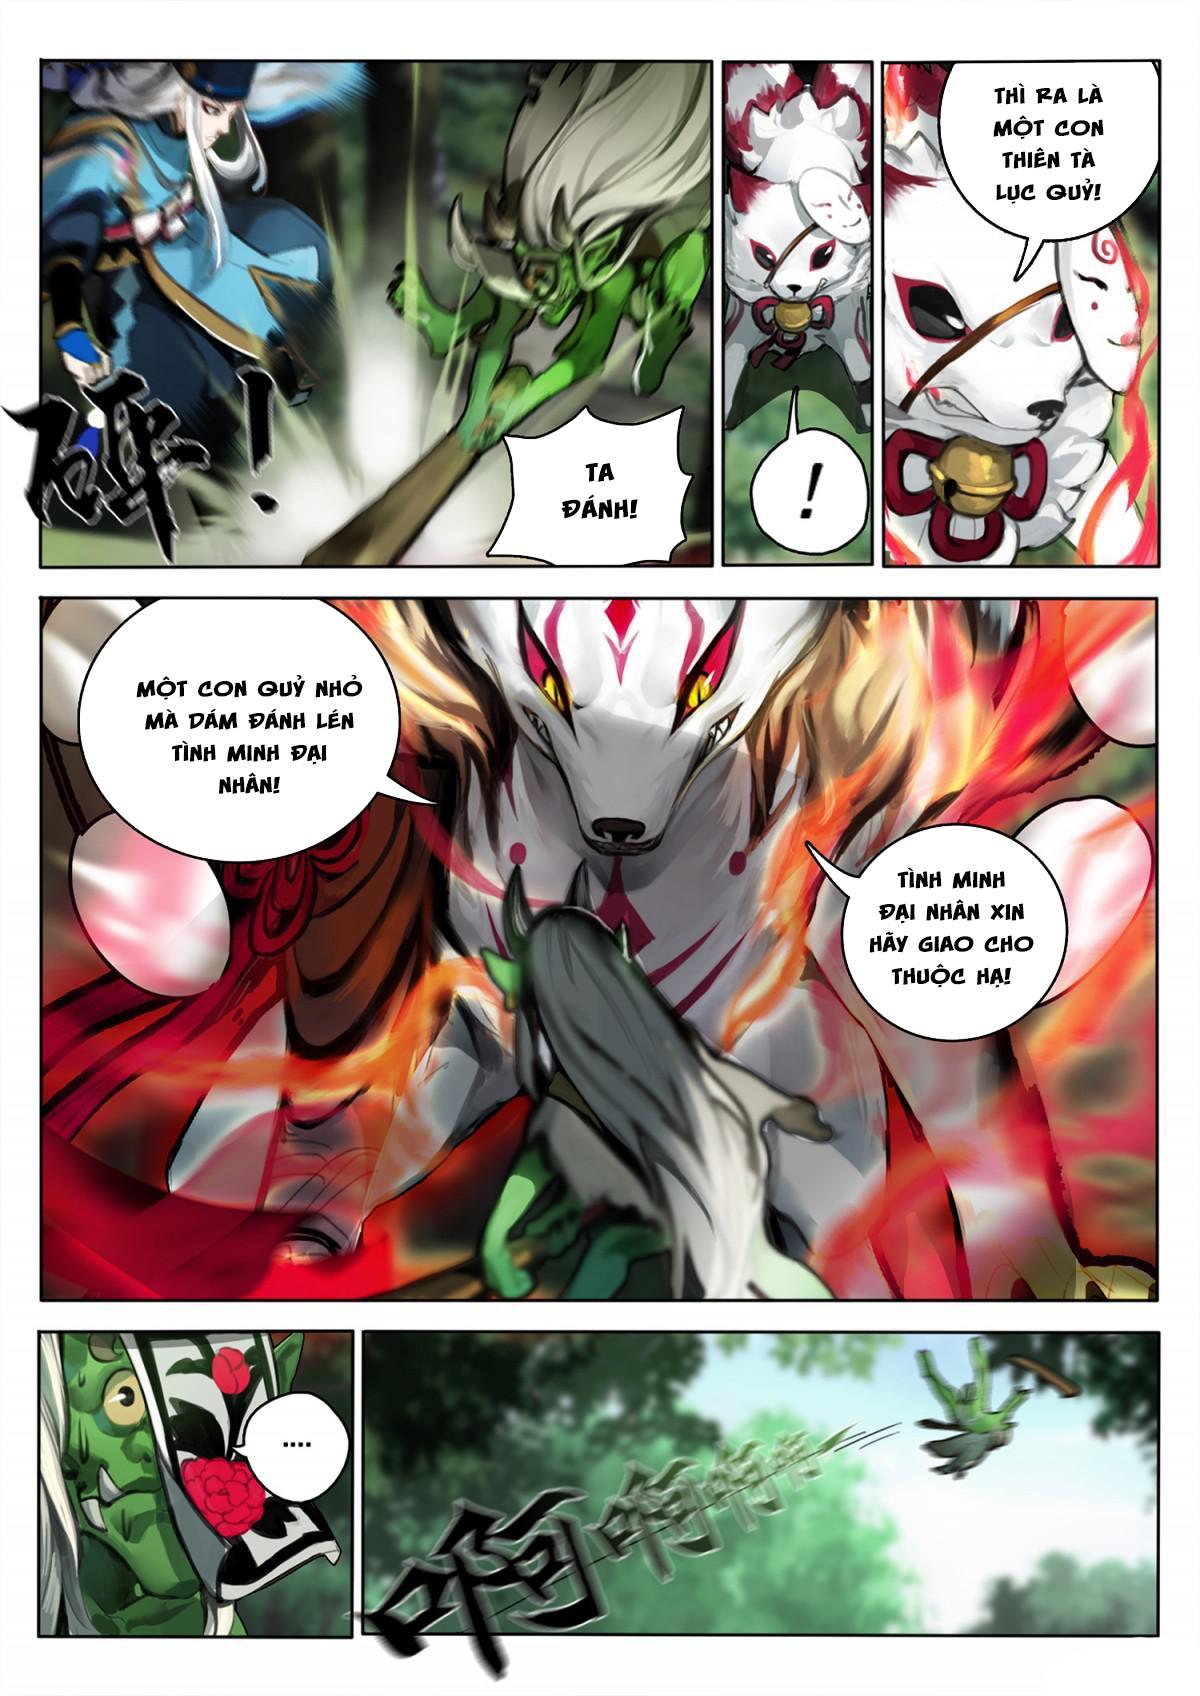 Onmyoji - Âm Dương Sư manga Chap 4 page 3